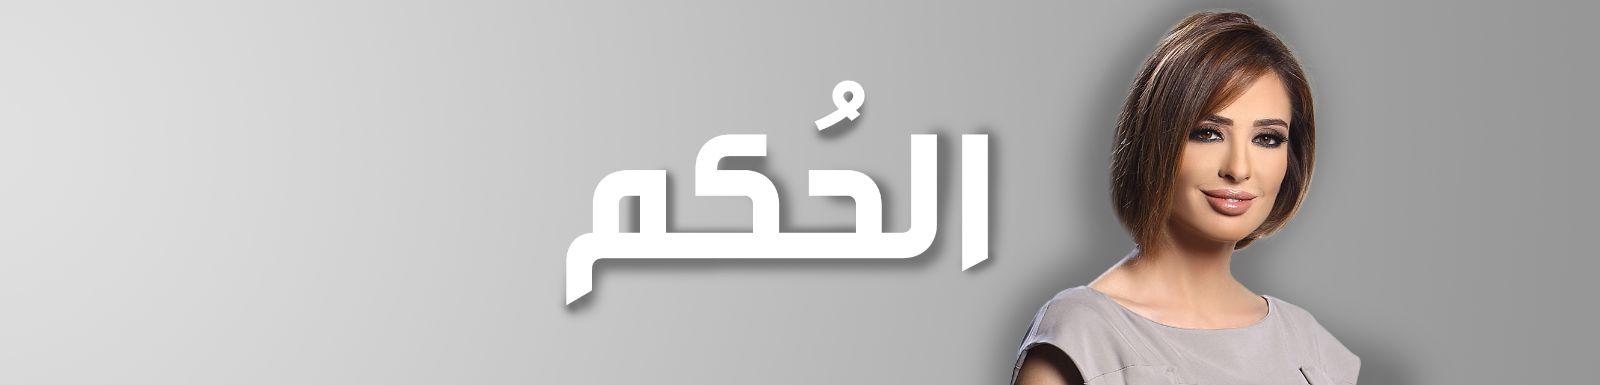 مشاهدة برنامج الحكم حلقة هاني رمزي اليوم الاثنين 15-12-2014 كاملة